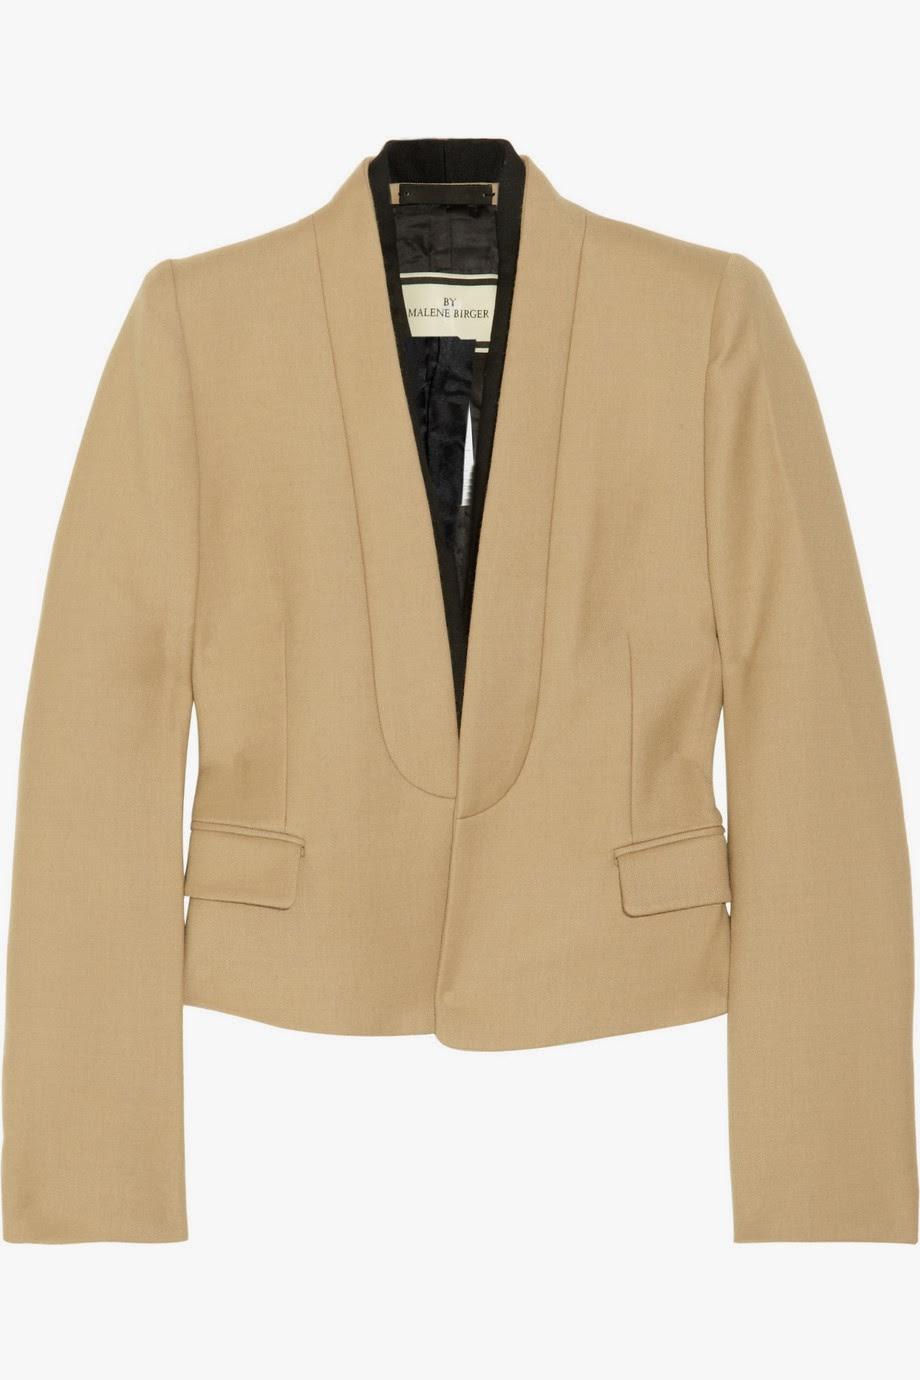 Gacio cropped crepe jacket  $745